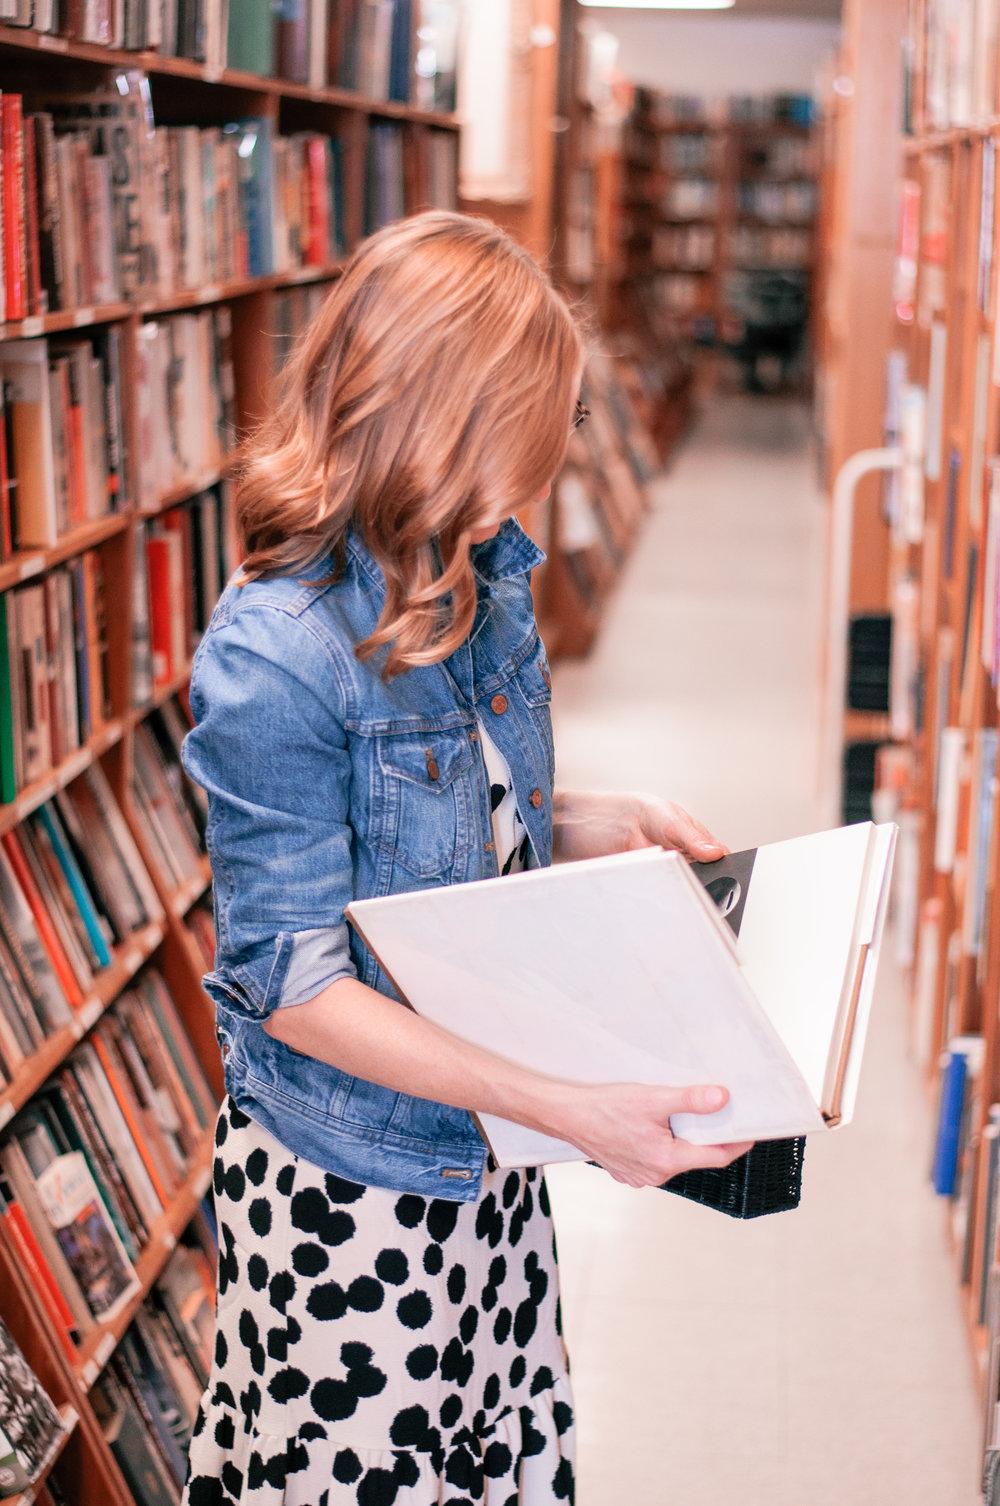 Decorative Antique Books